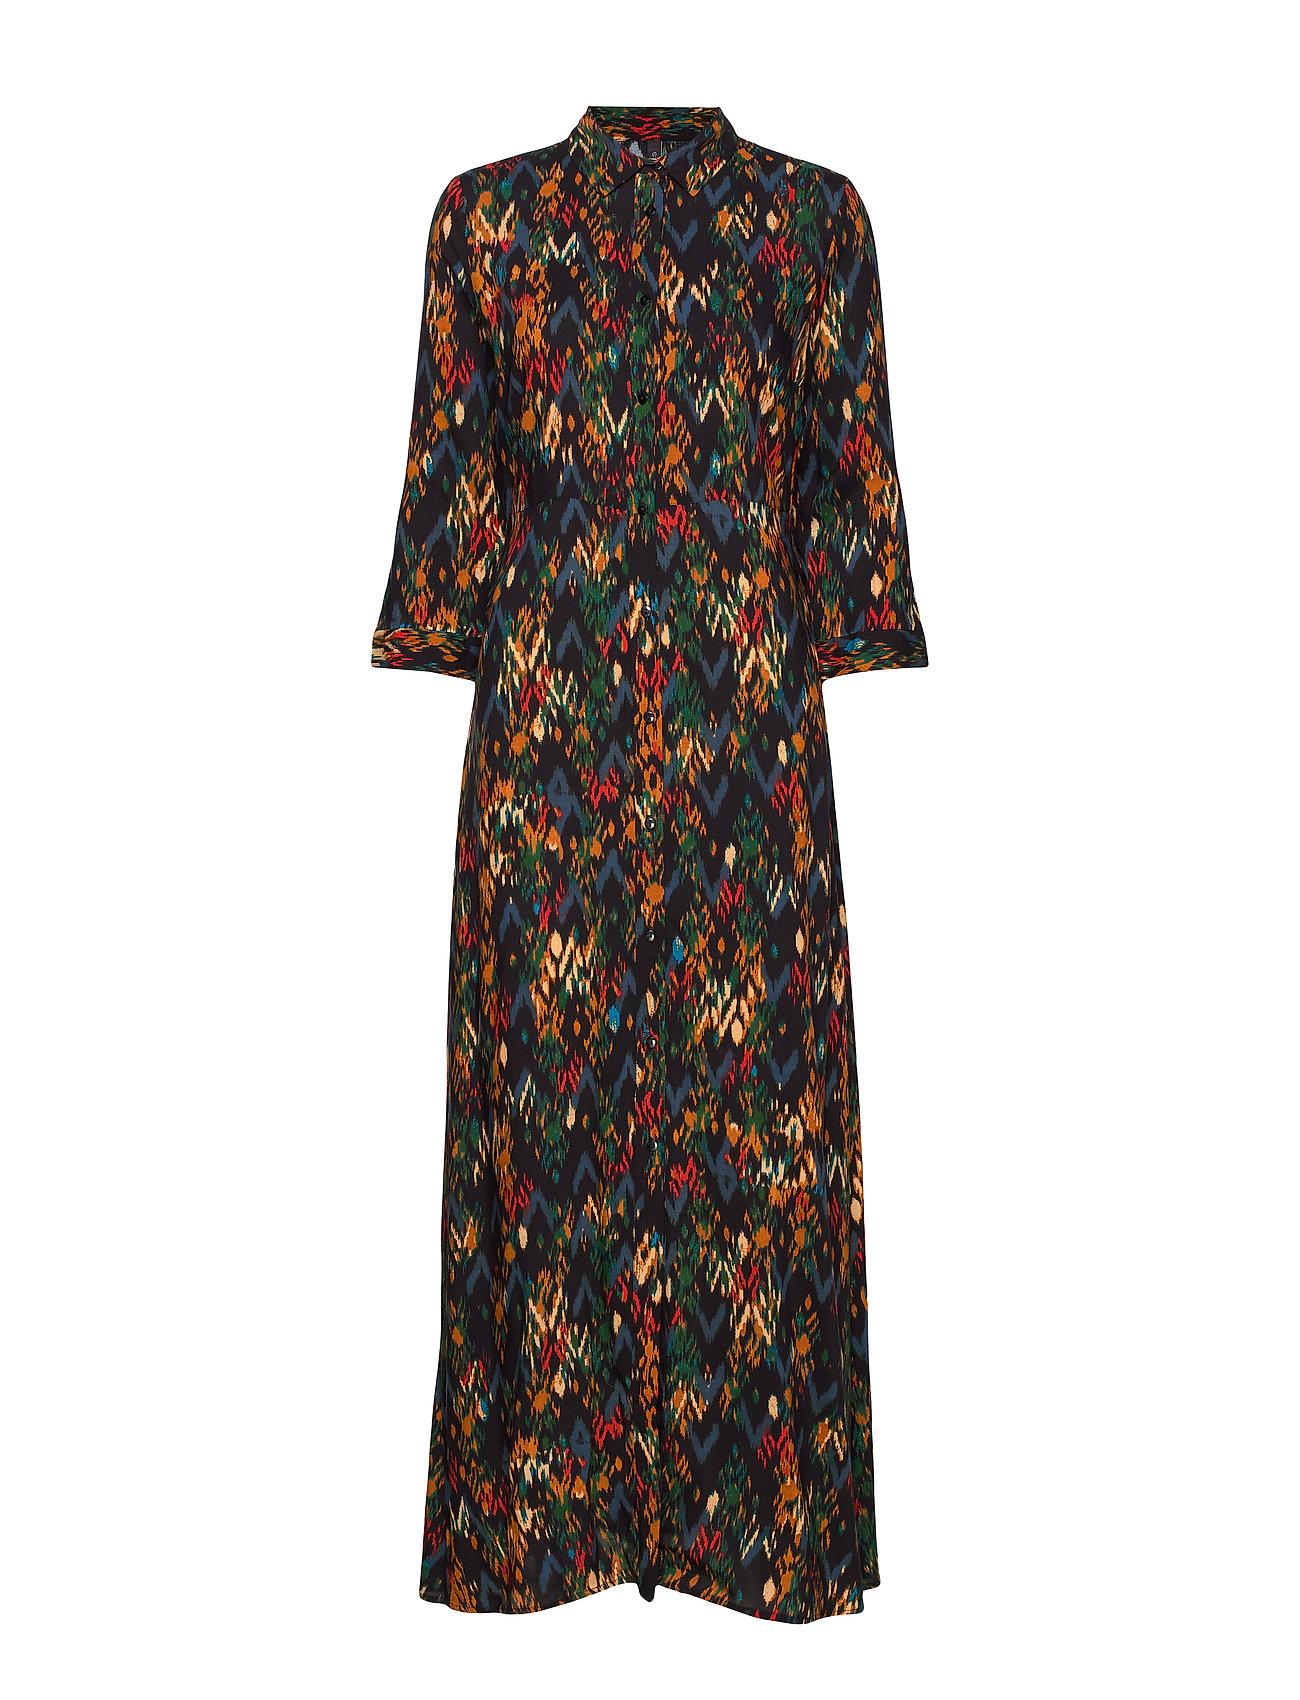 YAS YASMANON 7/8 LONG DRESS W.O. BELT FT - BLACK